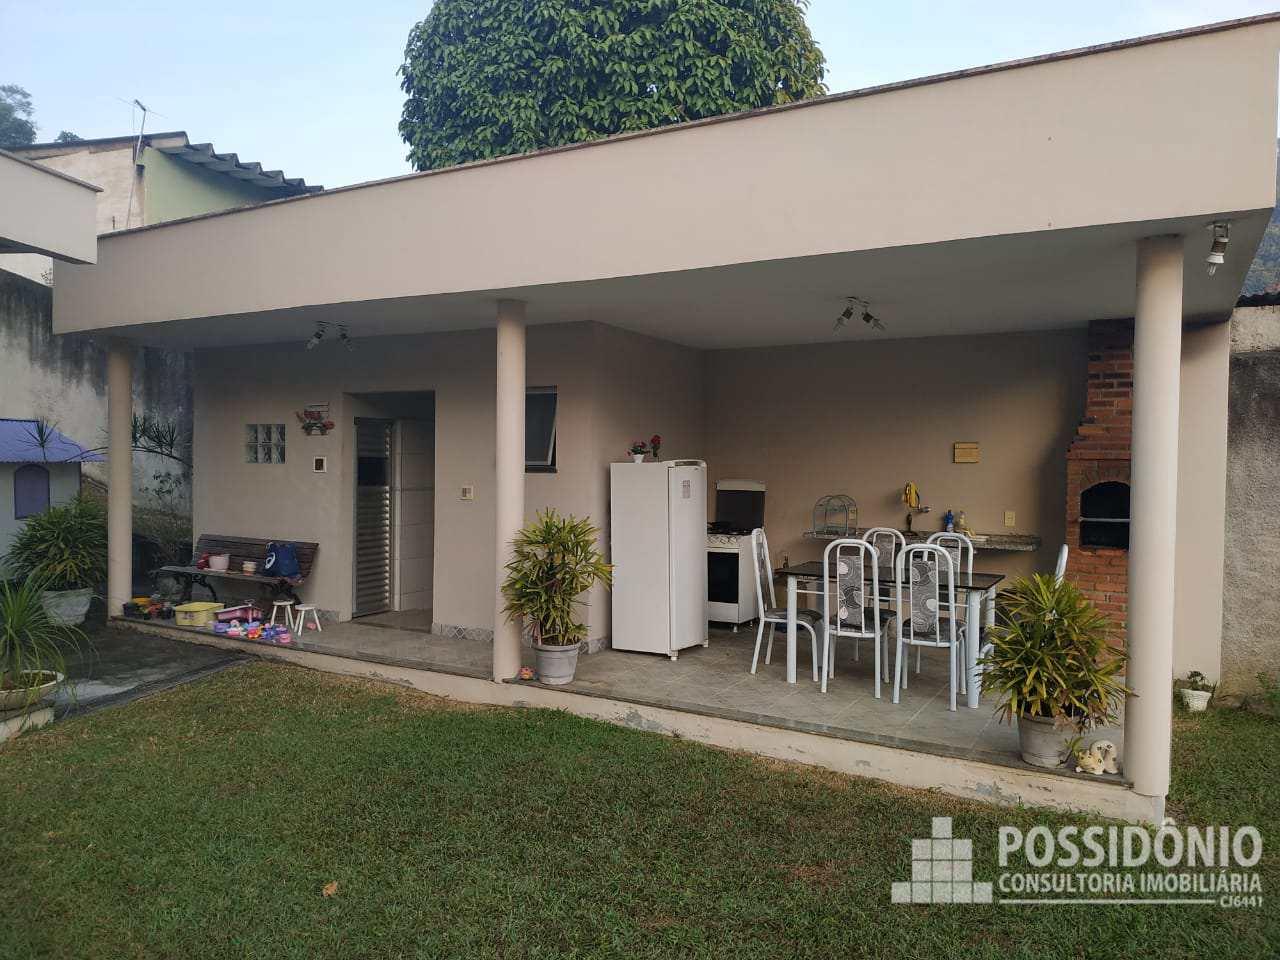 Casa com 3 dorms, Jardim Primavera, Duque de Caxias - R$ 1.2 mi, Cod: 208